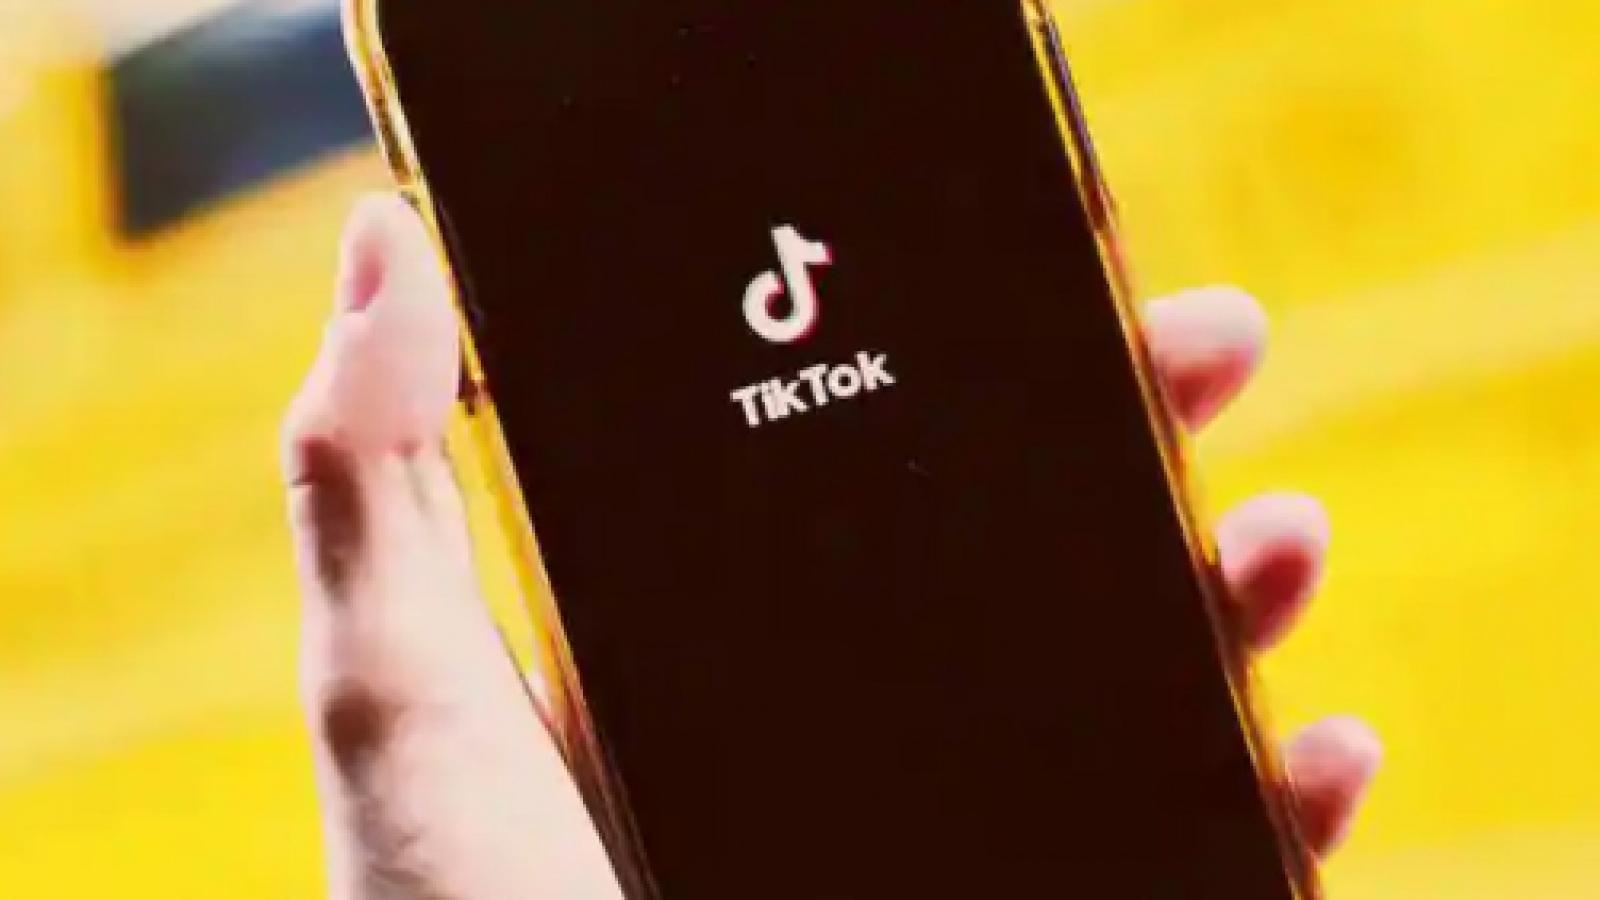 Ấn Độ đóng băng 2 tài khoản ngân hàng của chủ sở hữu ứng dụng TikTok